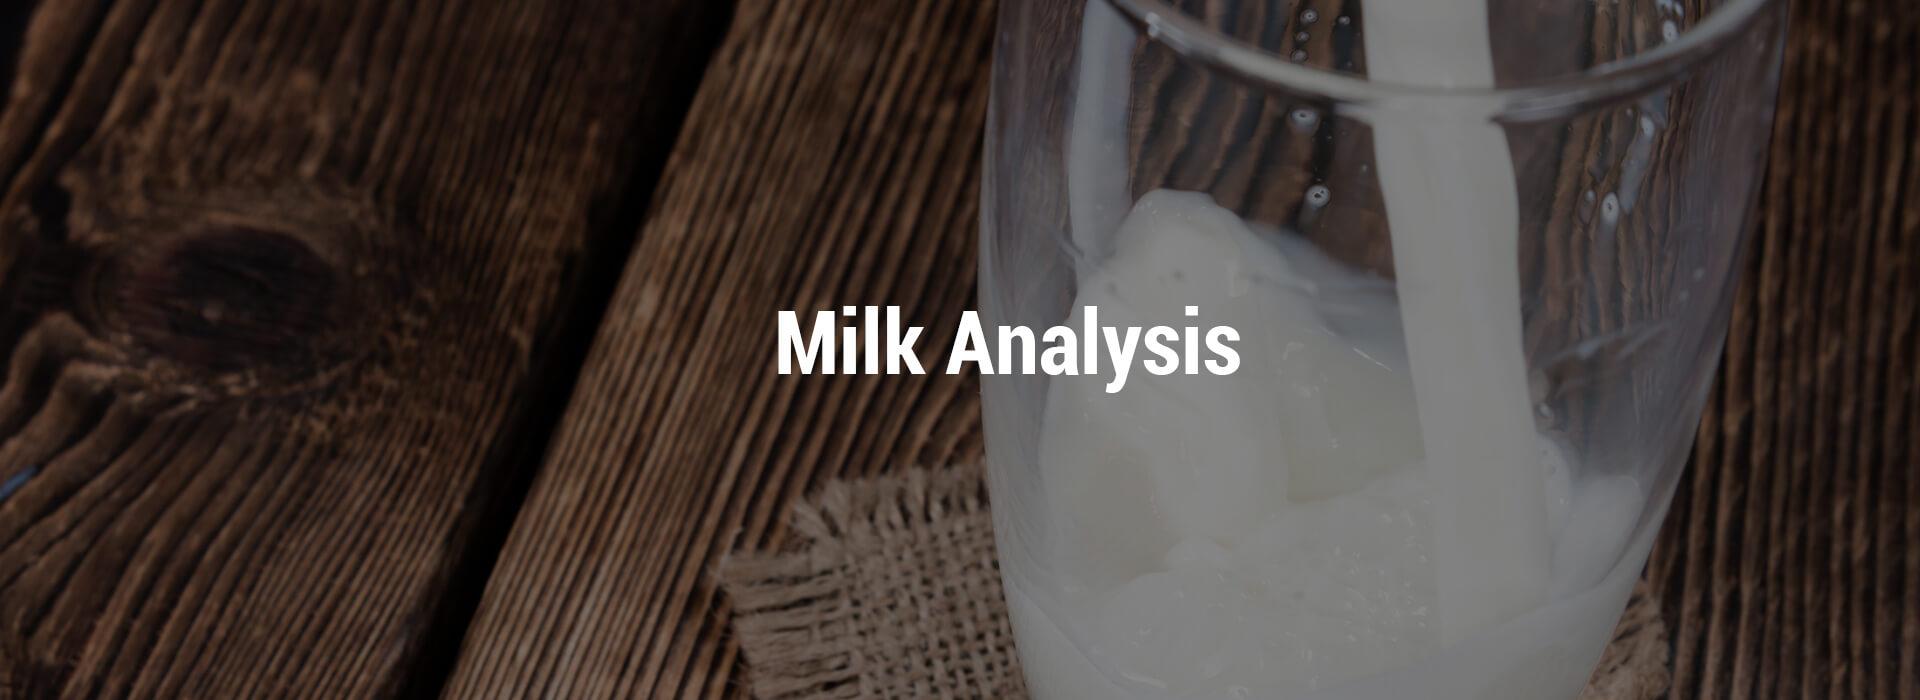 HS-Milk-header-1